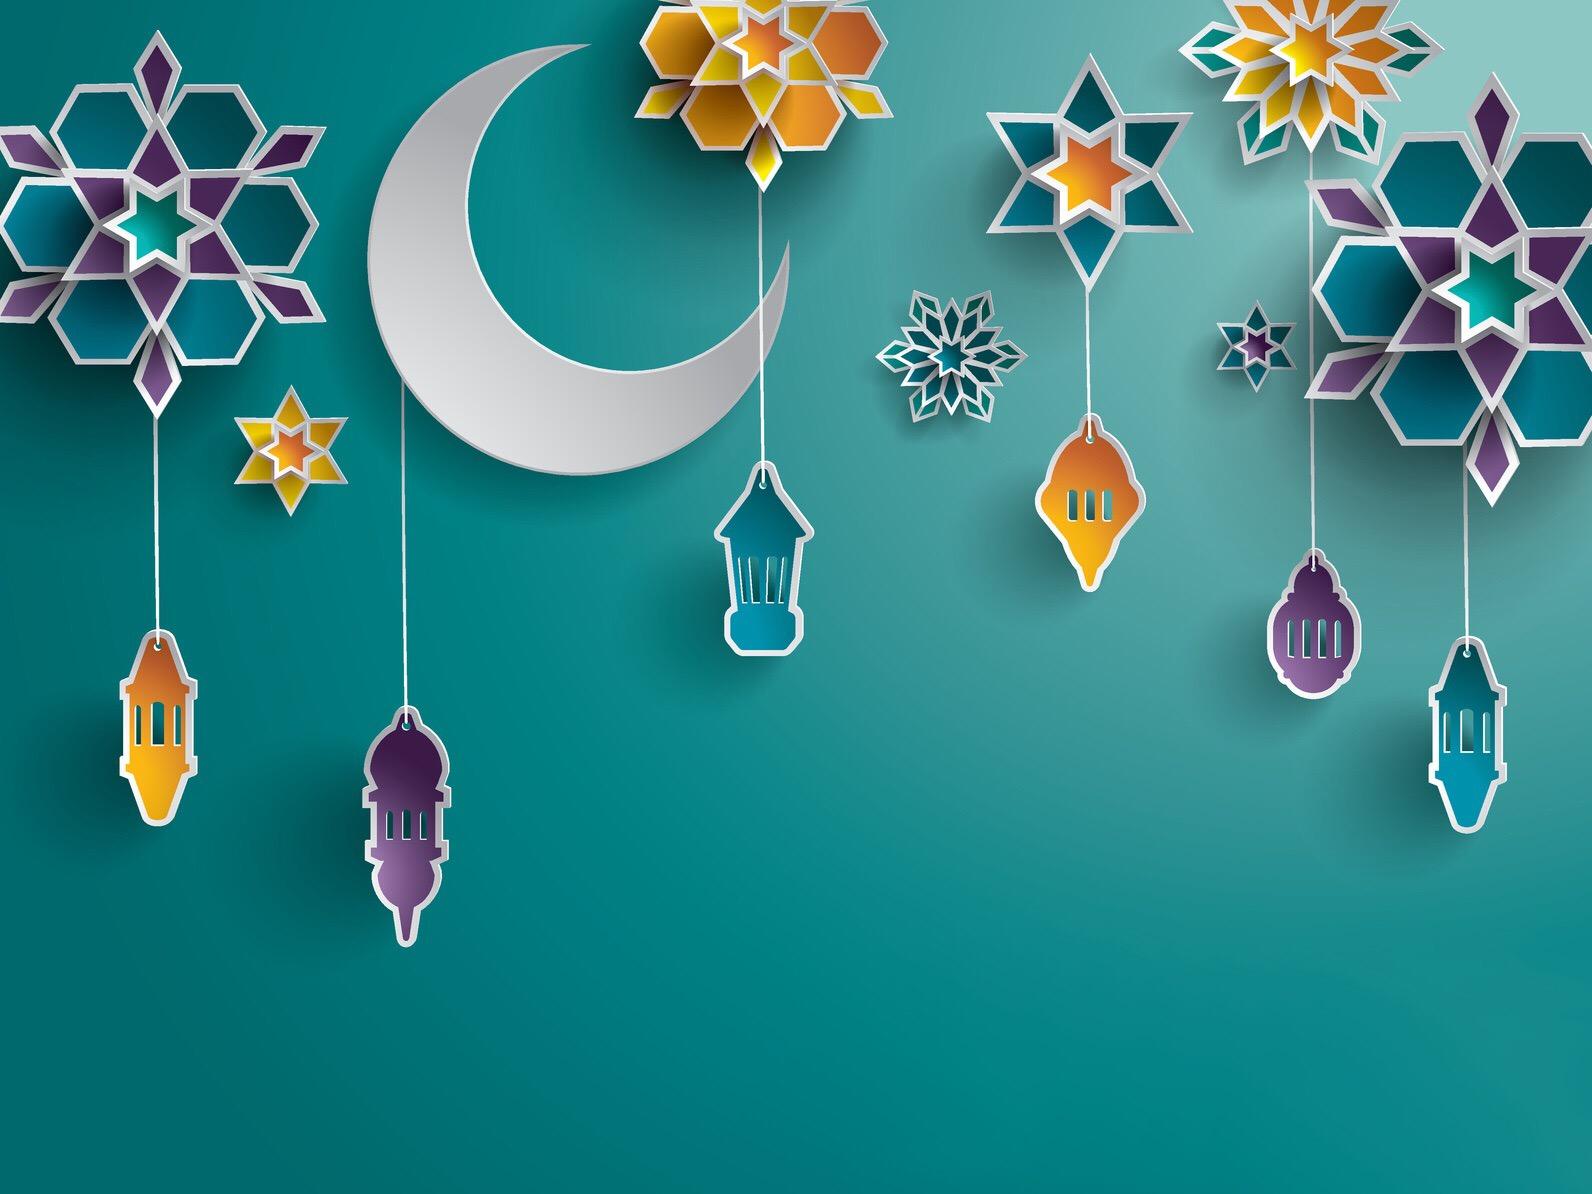 Yazı: Ramazan Ayı ve Ramazan Bayramı | Yazan: Fatoş Şahin